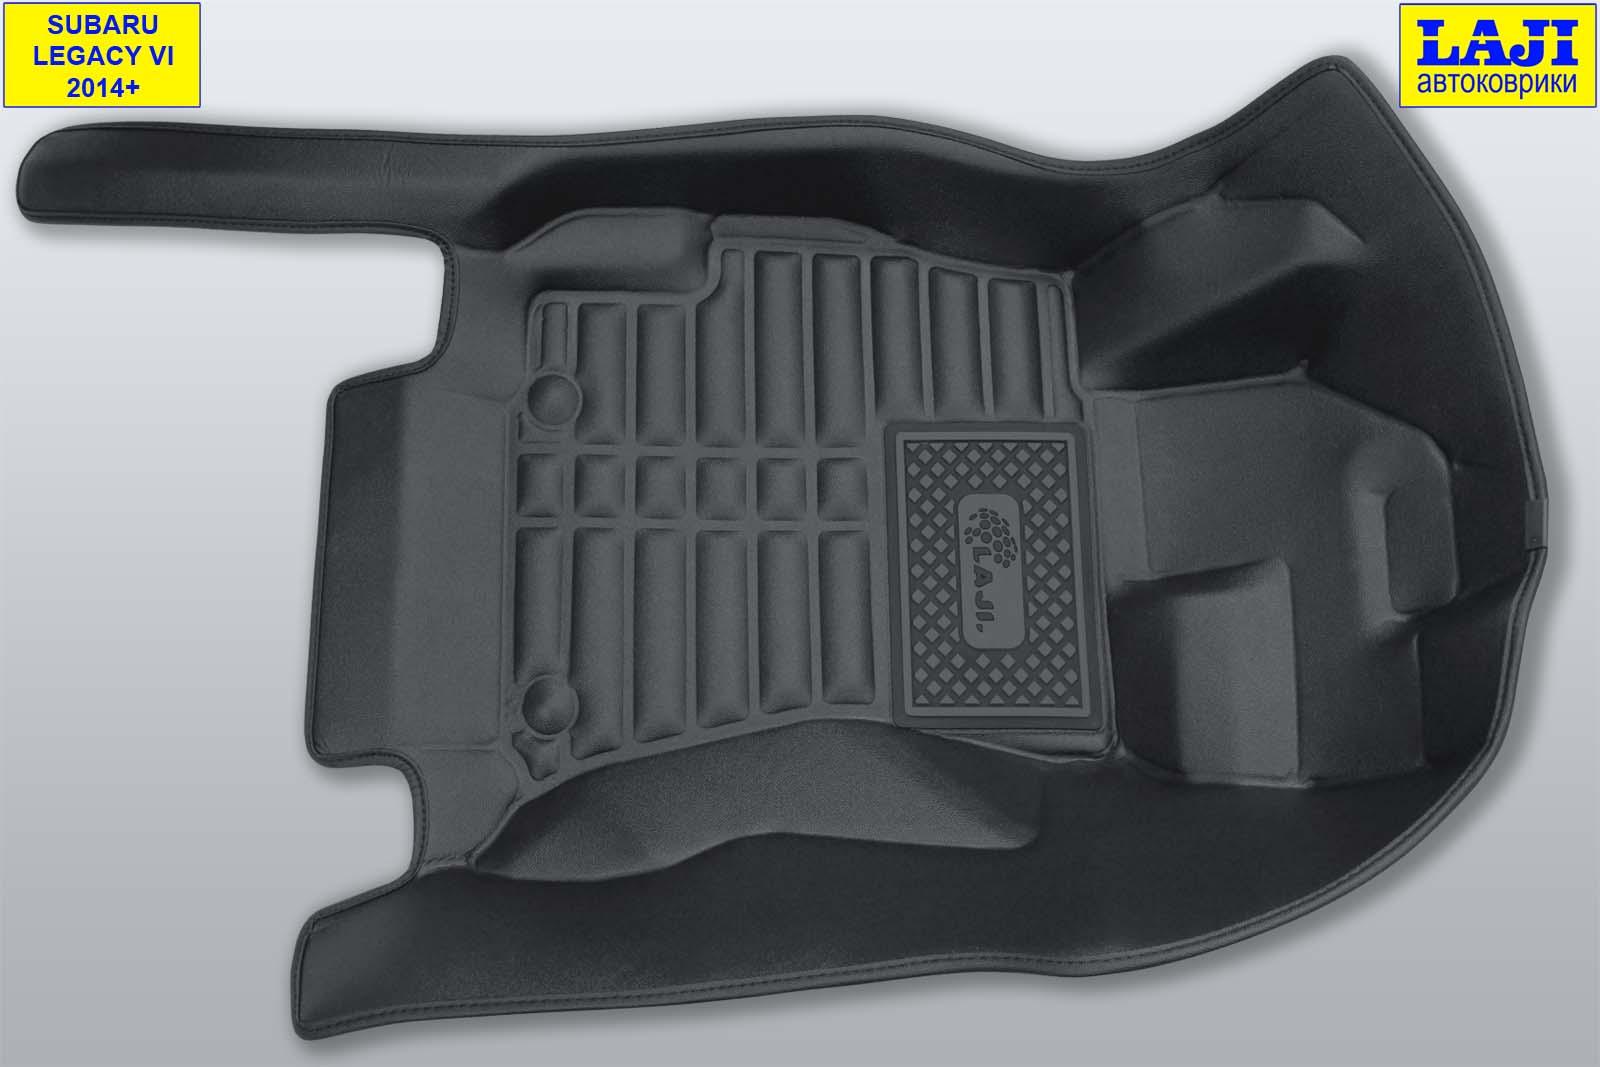 5D коврики в салон Subaru Legacy VI 2014-н.в. 2